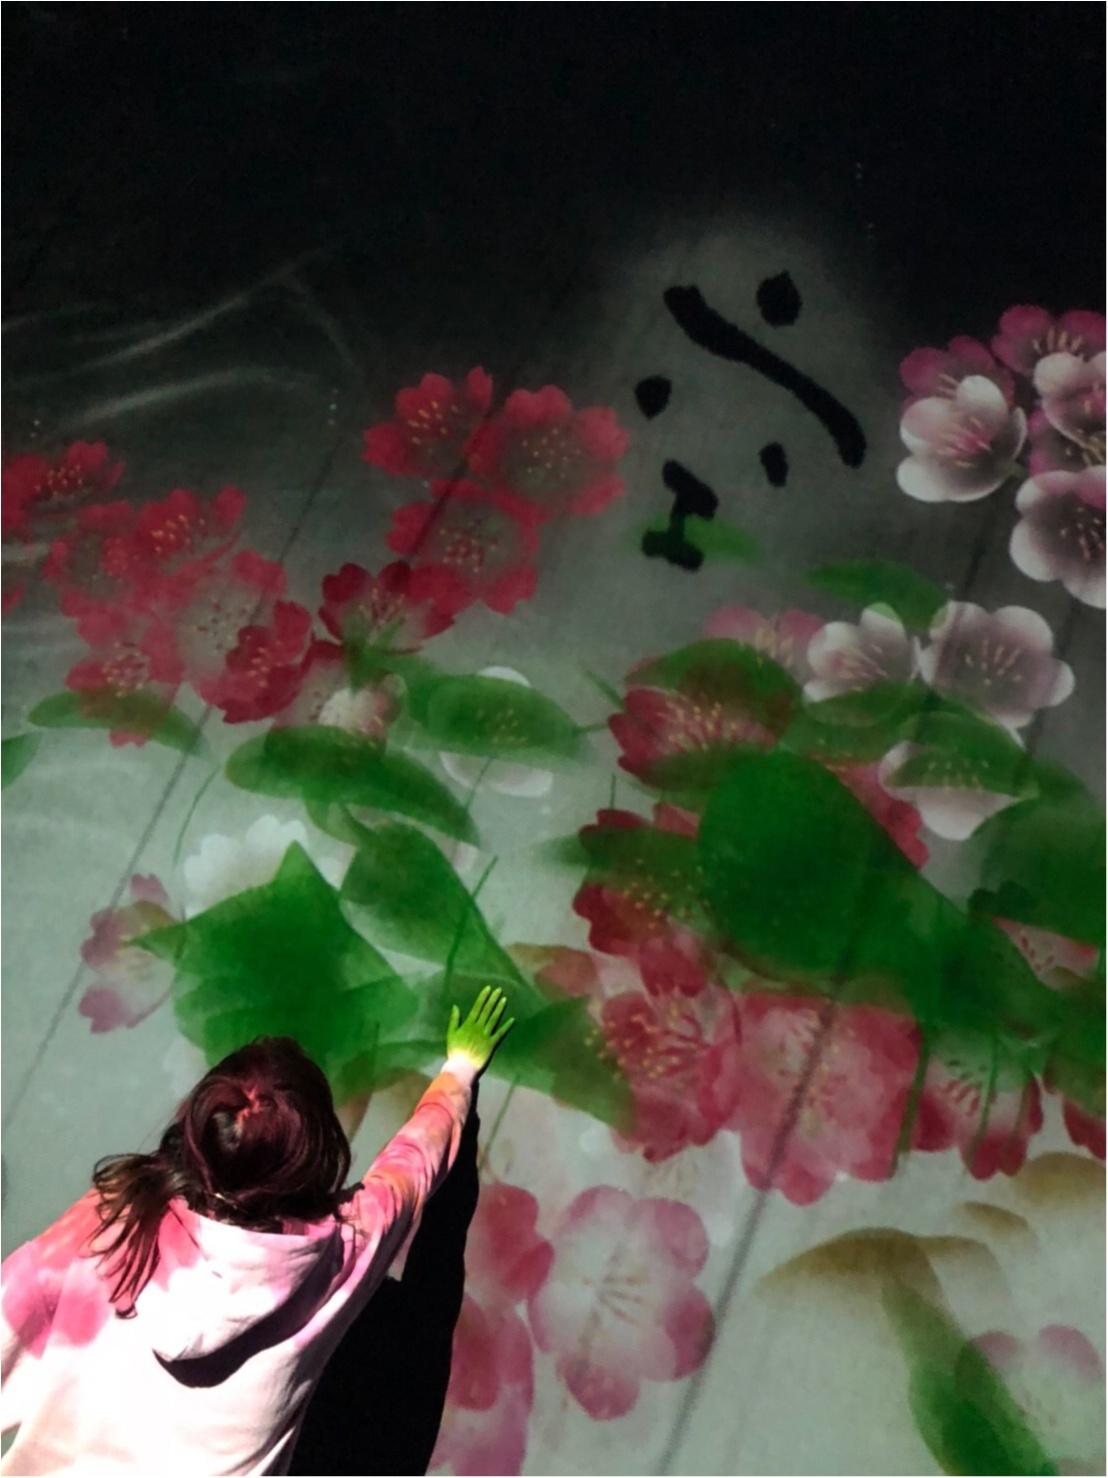 【チームラボ】お台場で開催中『ボーダレス』ランプの森が幻想的すぎる!_3